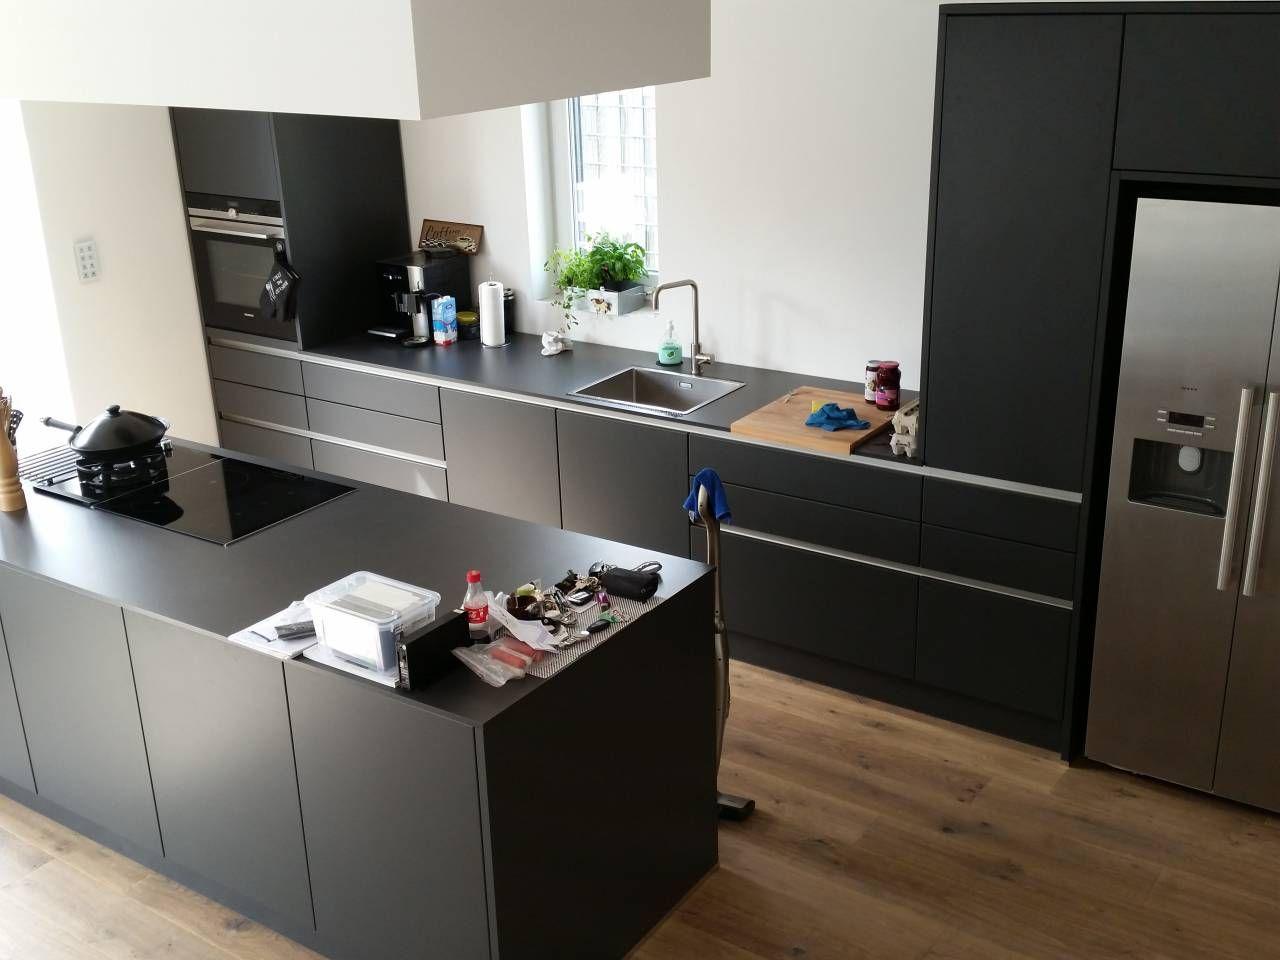 Groß Küche Refacing Lange Insel Zeitgenössisch - Ideen Für Die Küche ...